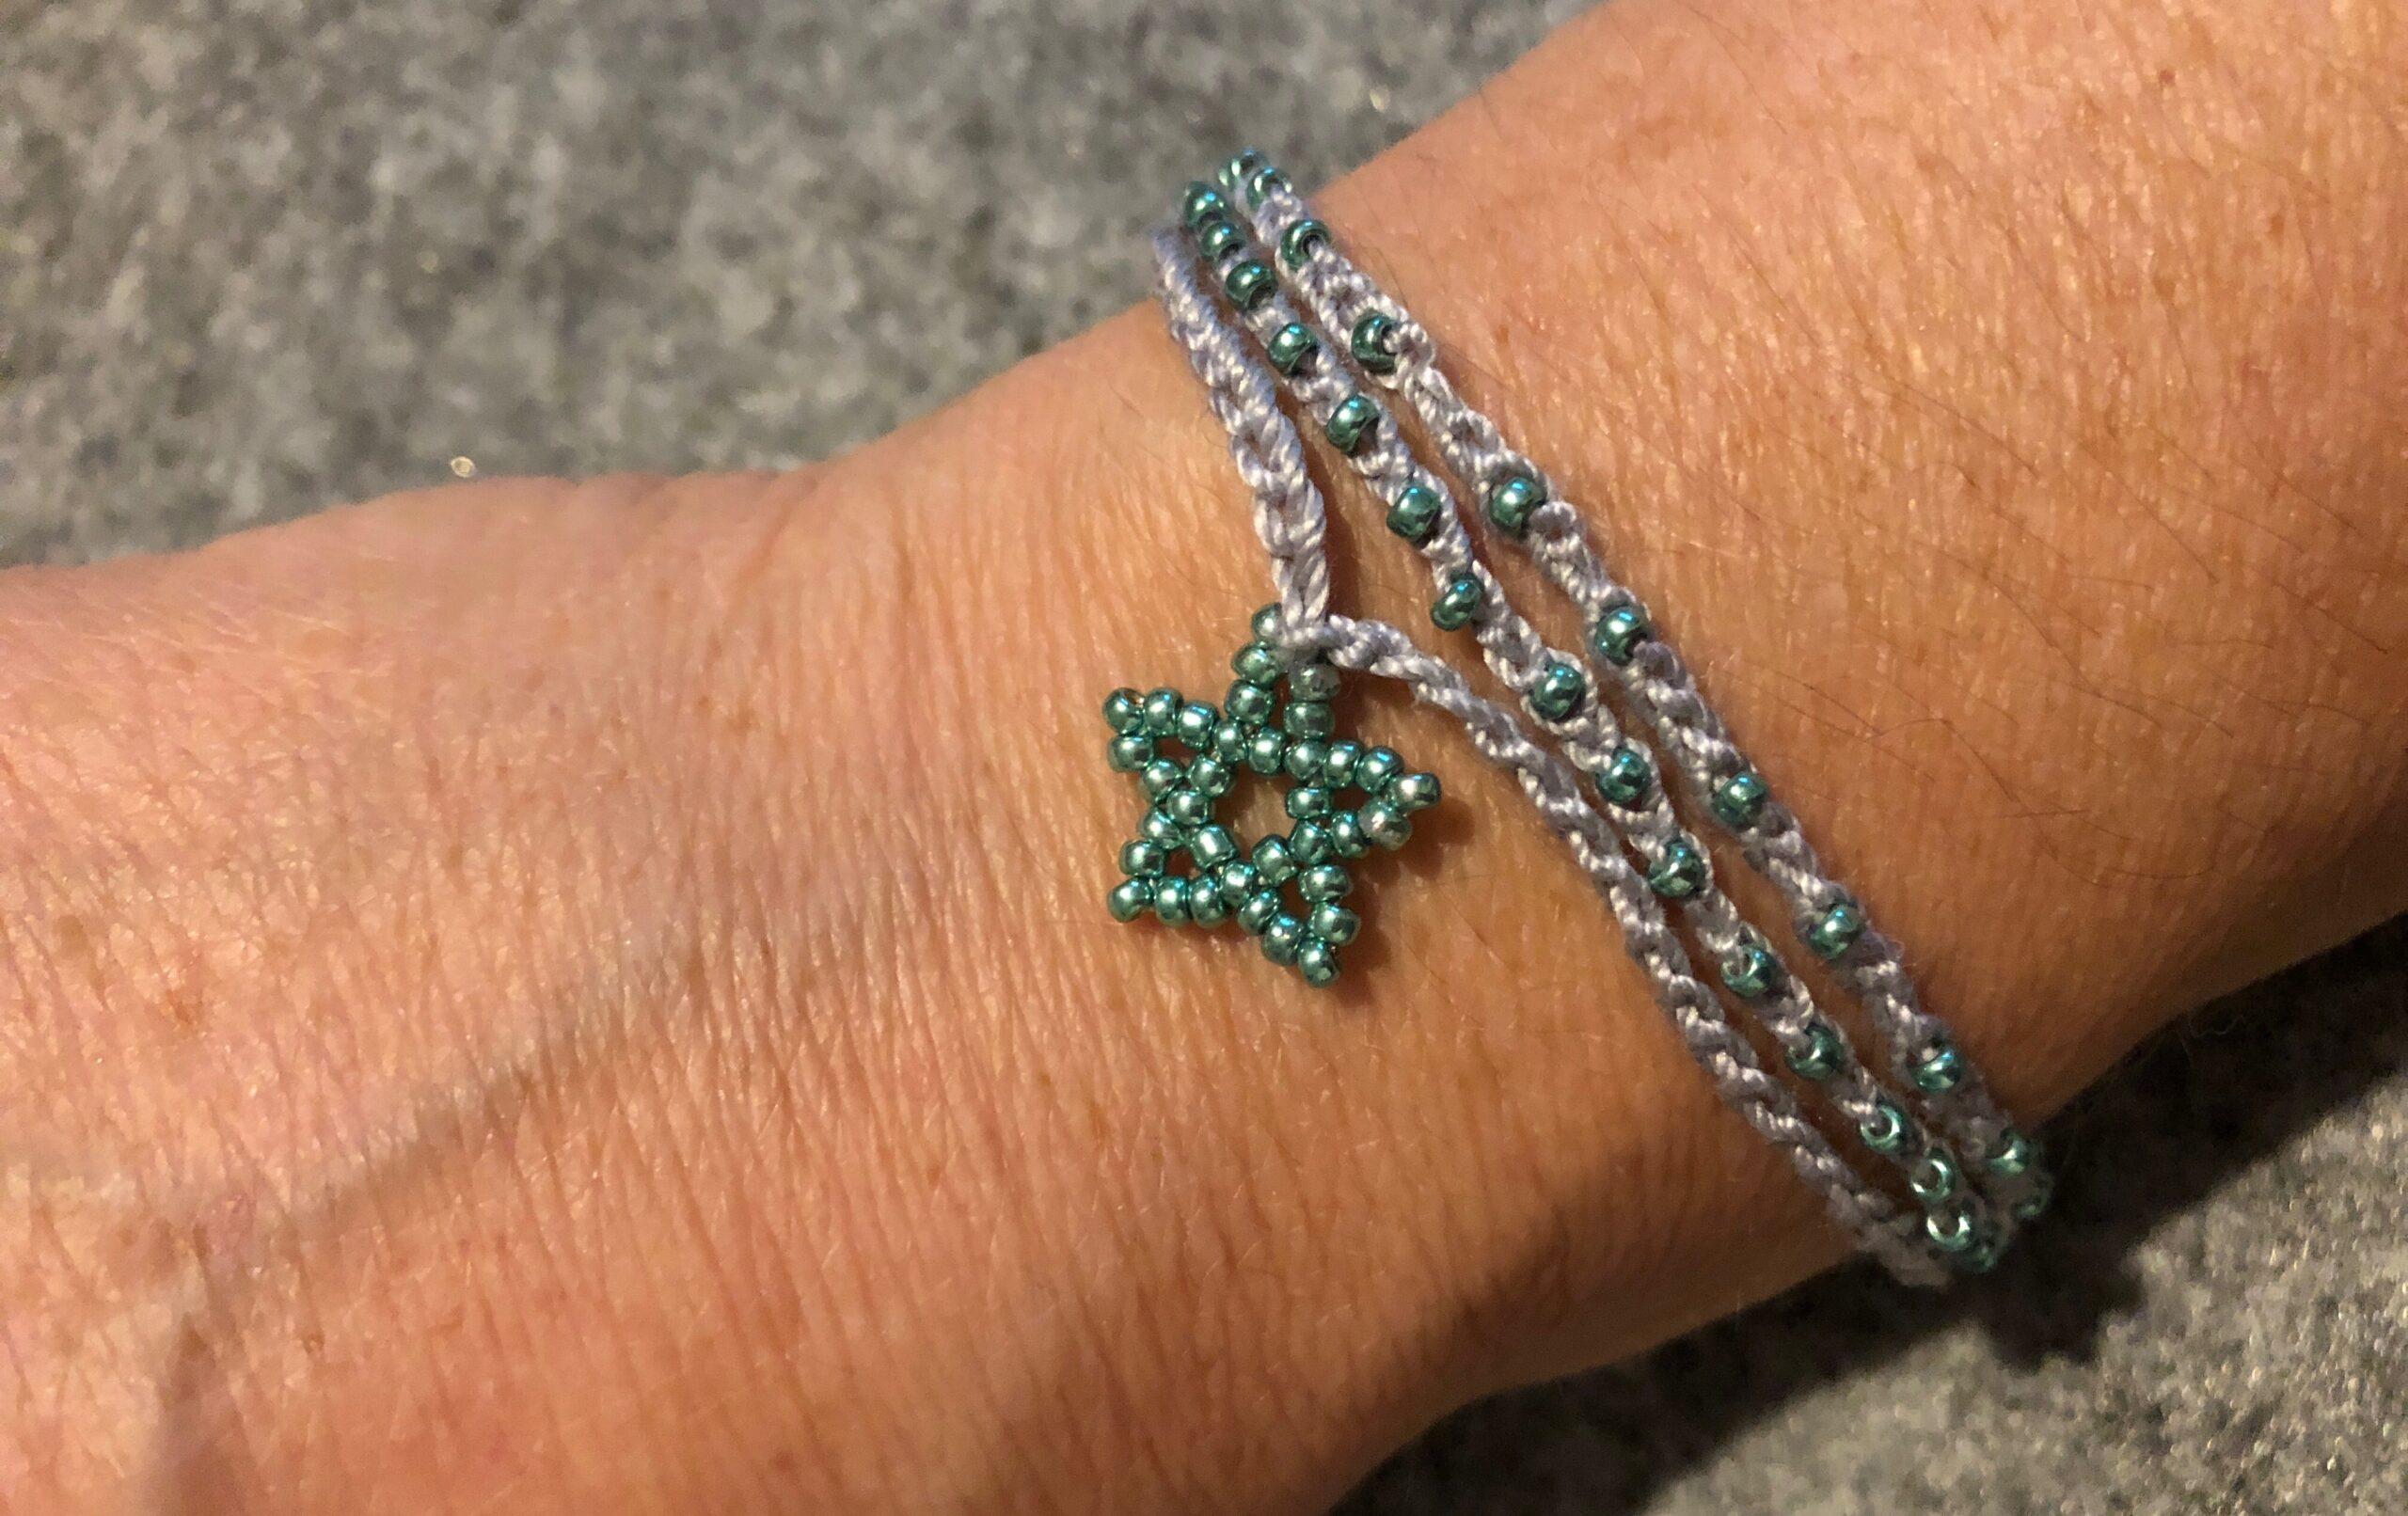 Tiny star bracelet.